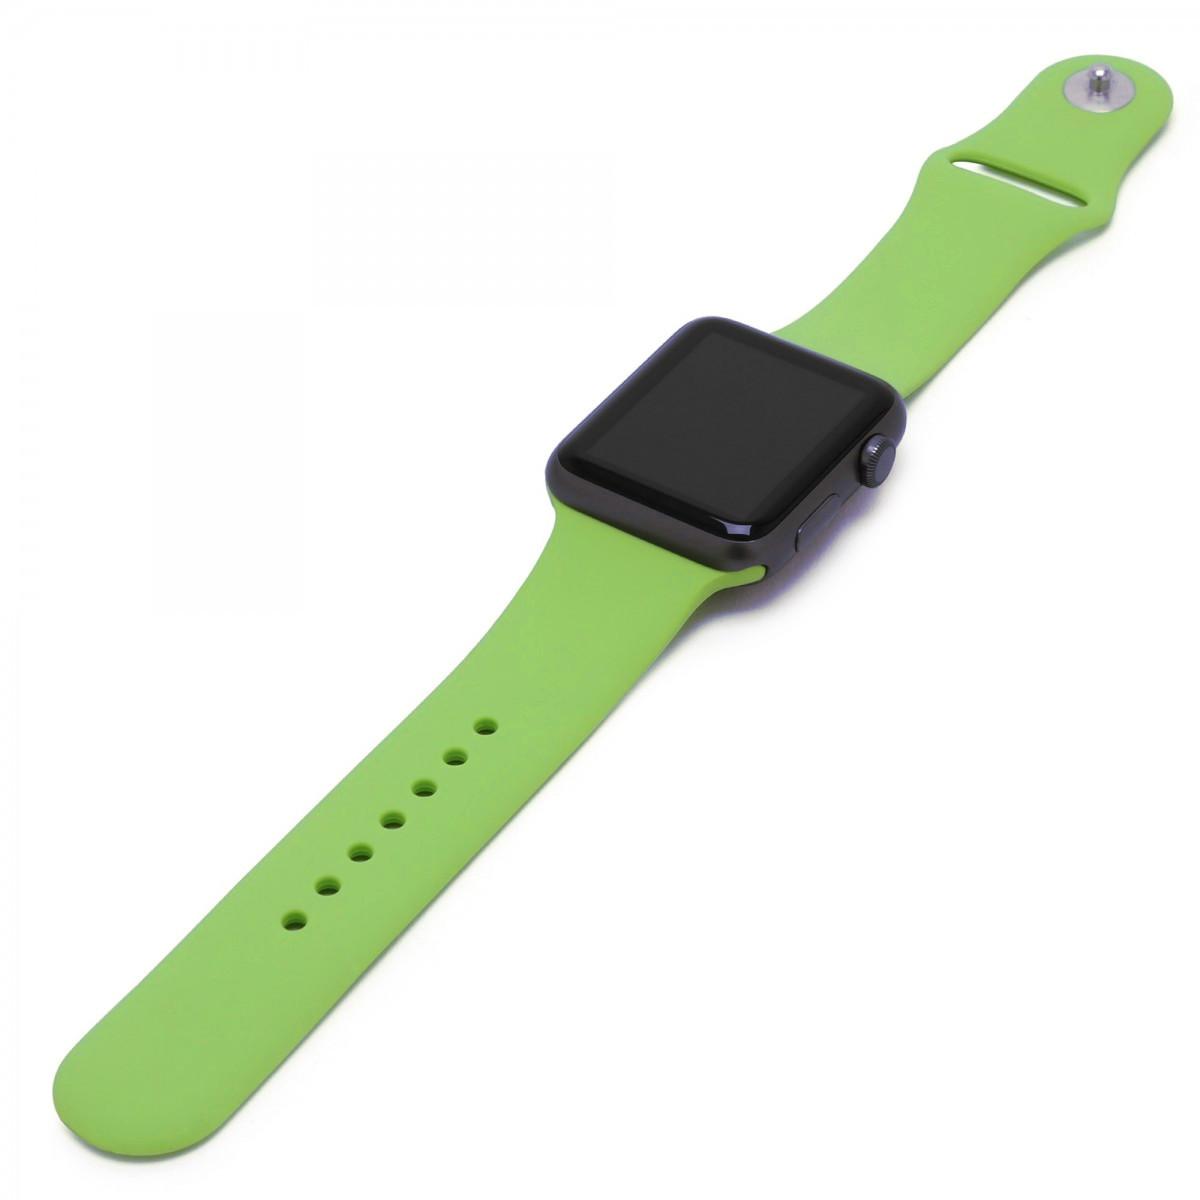 Řemínek SmoothBand pro Apple Watch Series 3/2/1 42mm - Avokádově zelený